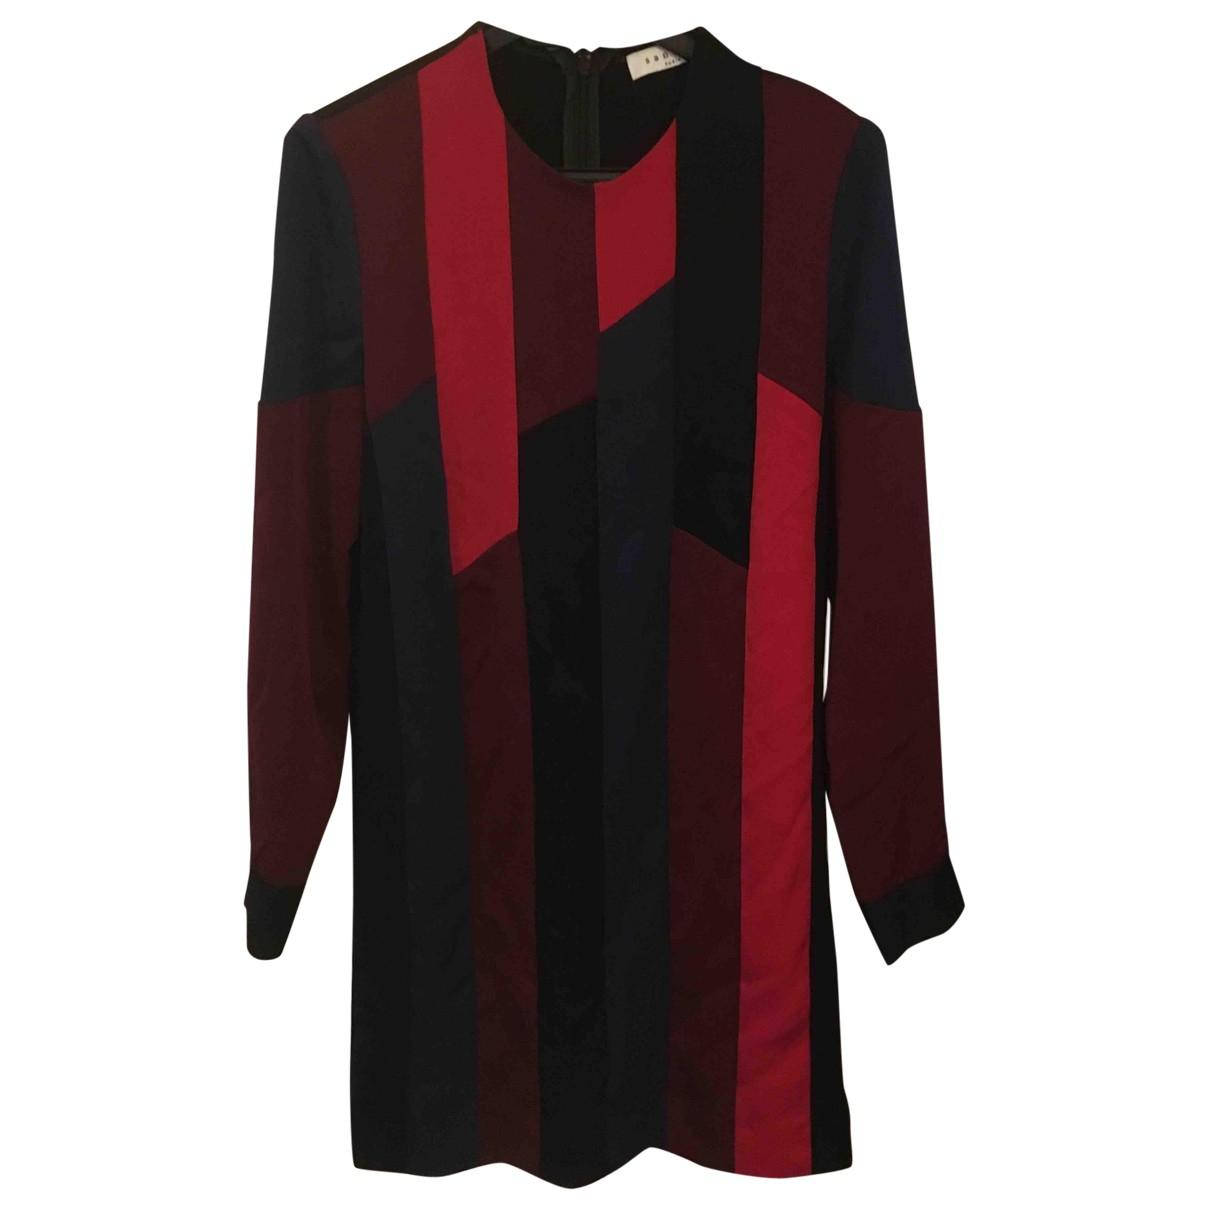 Sandro N Multicolour dress for Women 36 FR